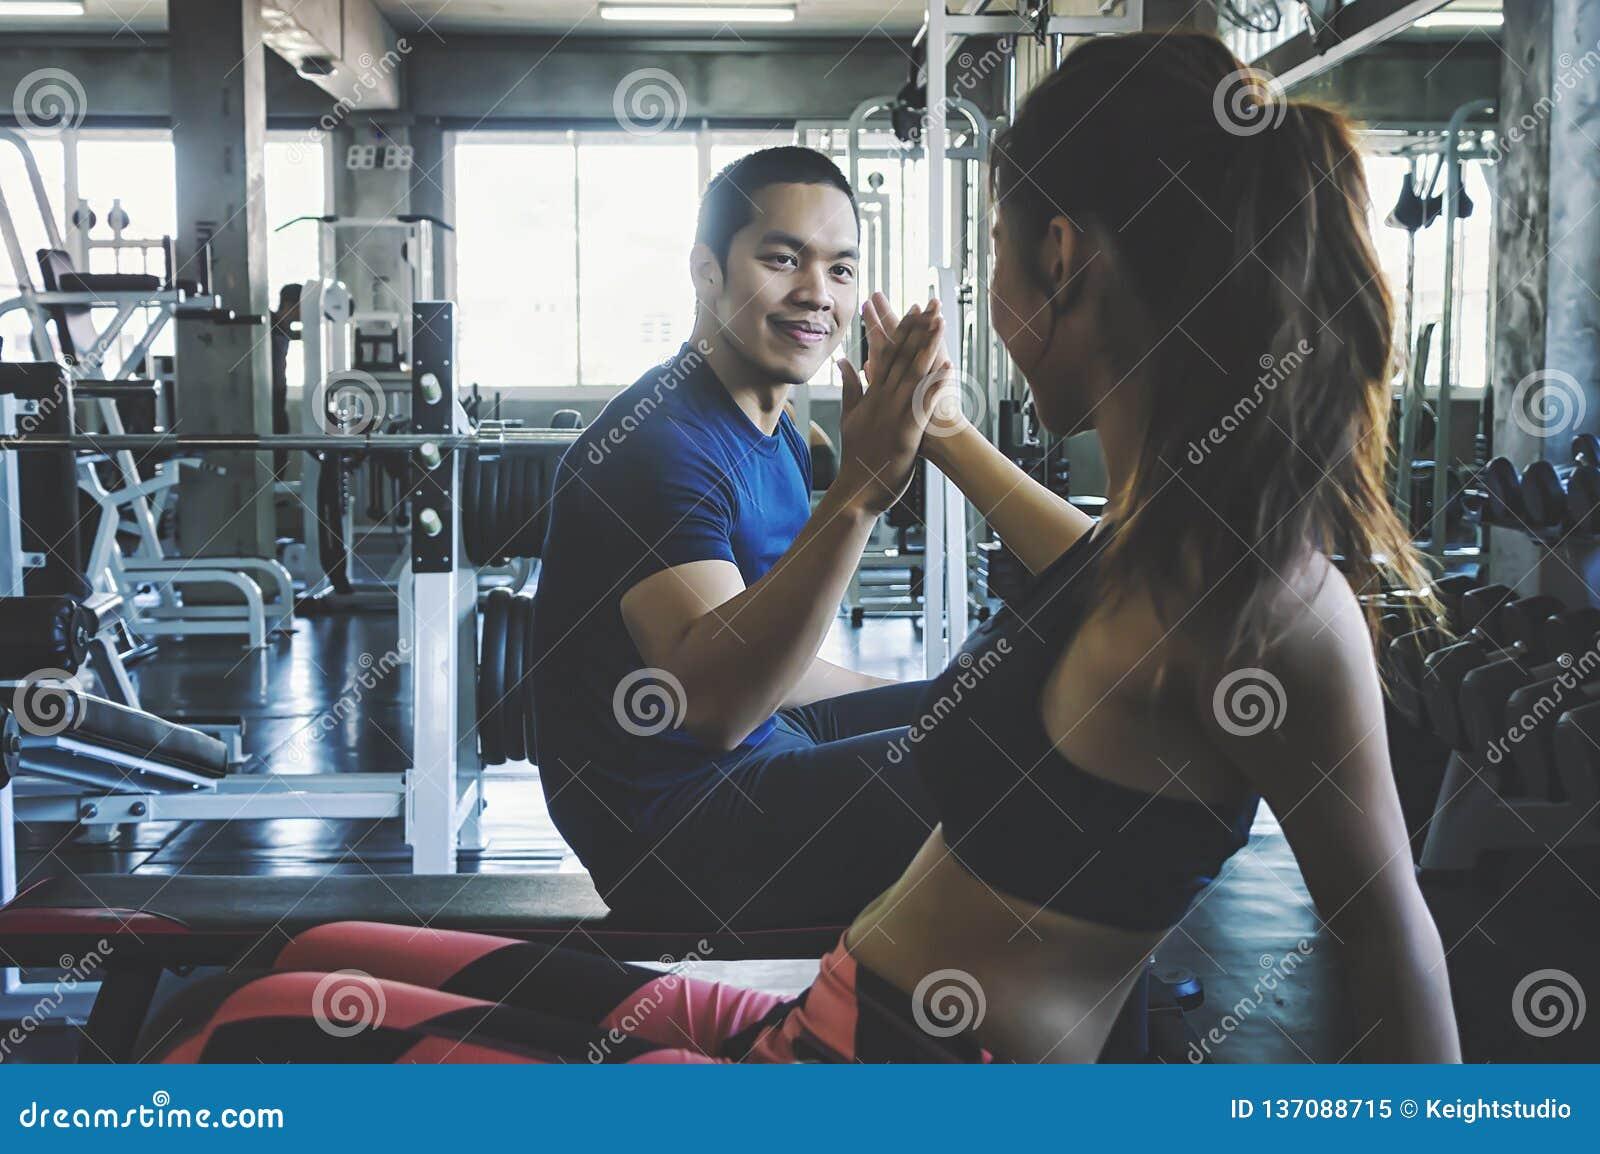 Человек и женщина фитнеса давая одину другого высокие 5 после встречи в спортзале Подходящие пары высокие 5 после разминки